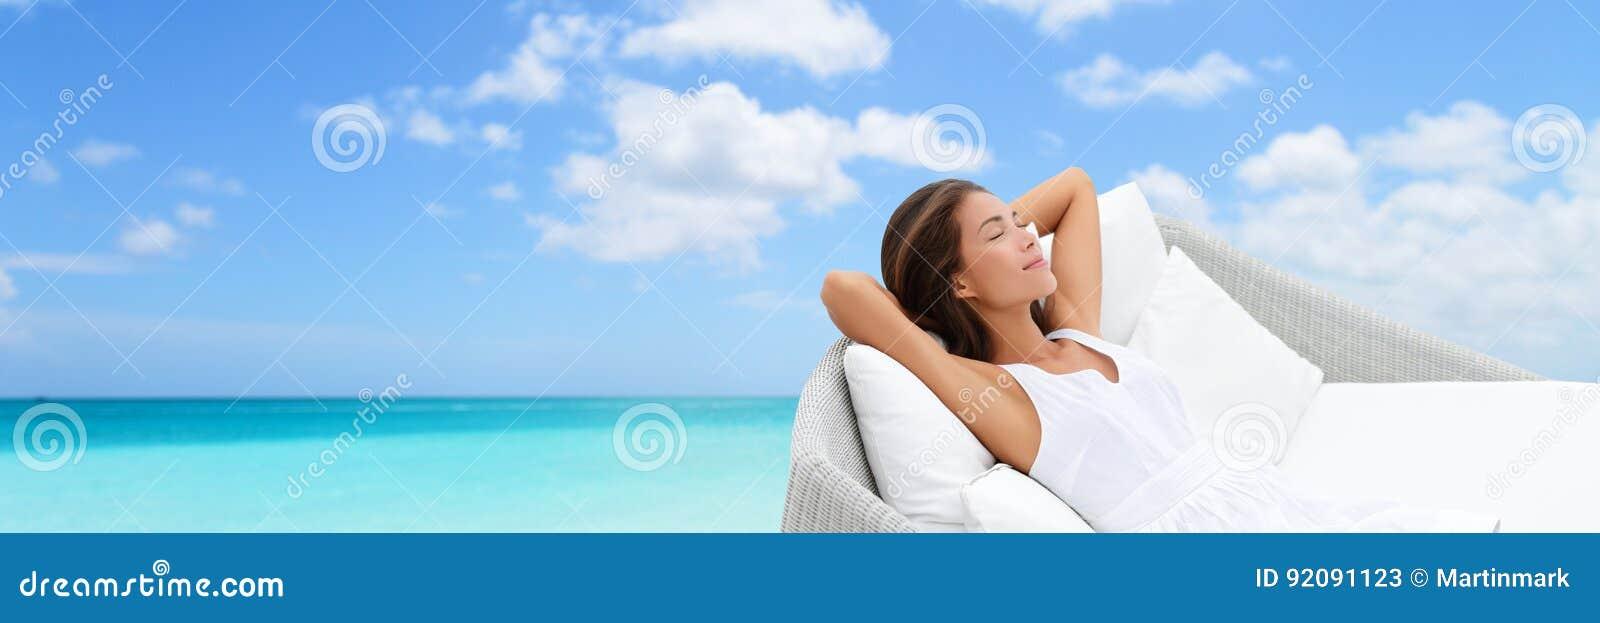 Η χαλάρωση γυναικών διακοπών πολυτέλειας στην παραλία